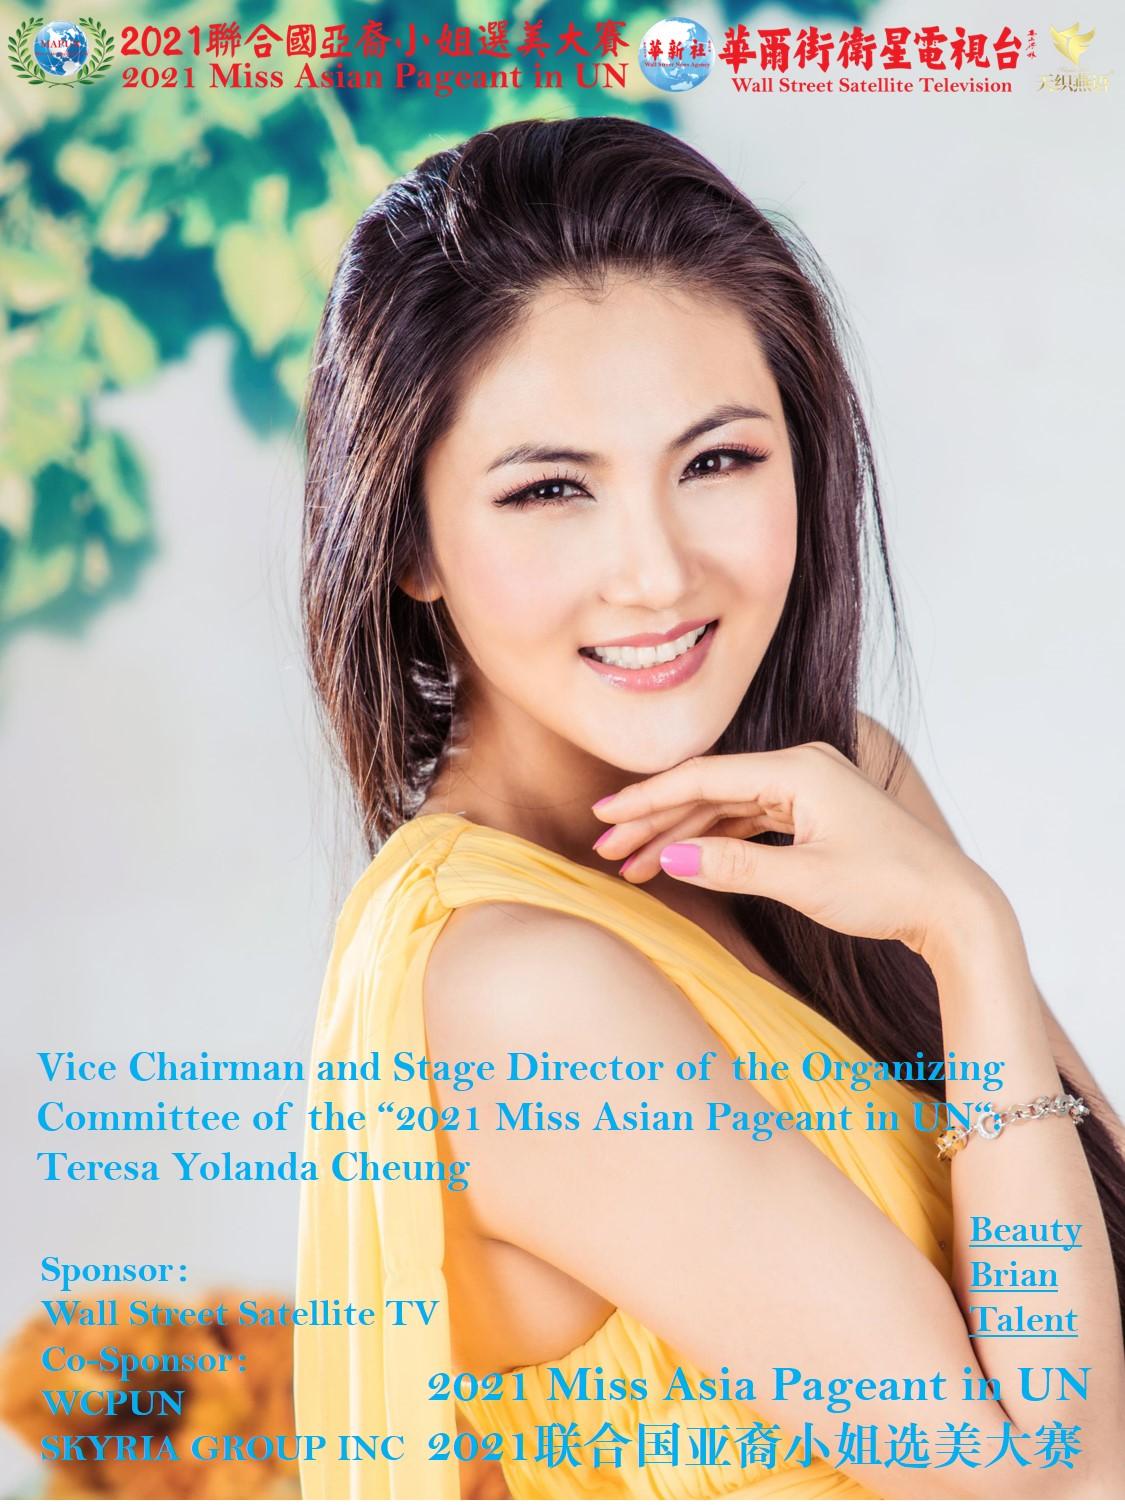 Teresa Yolanda Cheung Photo 15